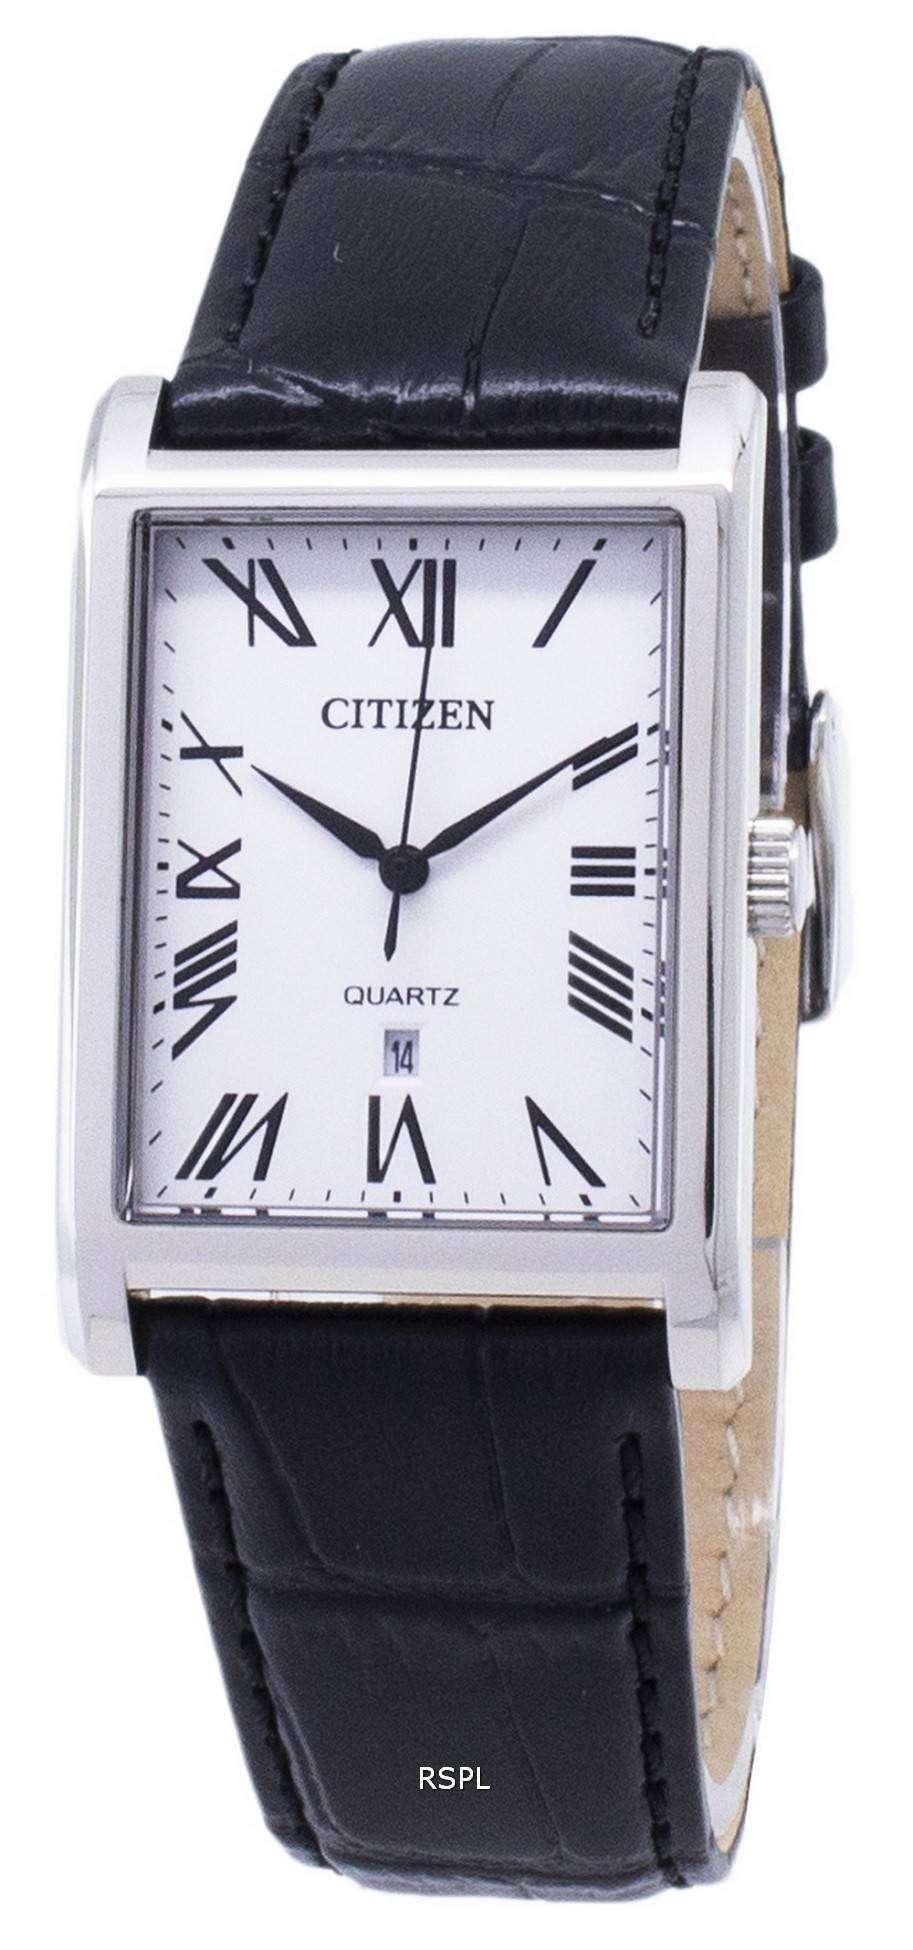 市民石英 BH3000 09A アナログ メンズ腕時計